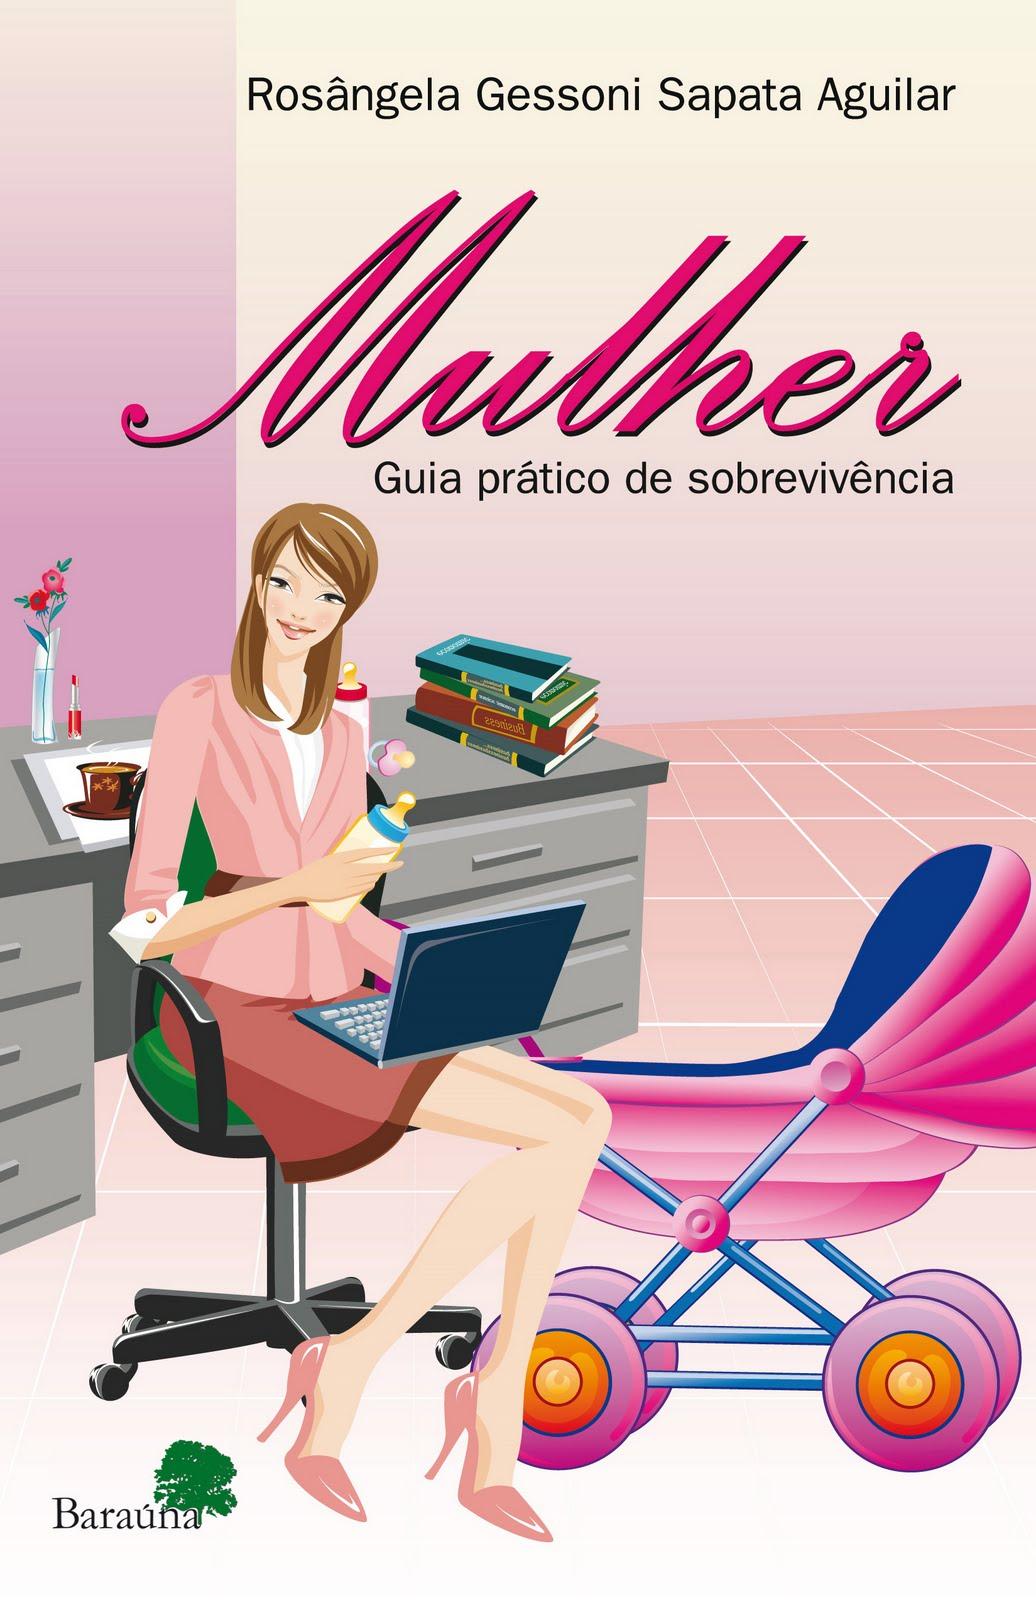 http://1.bp.blogspot.com/-srSDtZP0zlU/TcKYSB96CUI/AAAAAAAAC9E/Ji8wOxXGWs8/s1600/livro+mae+5.jpg